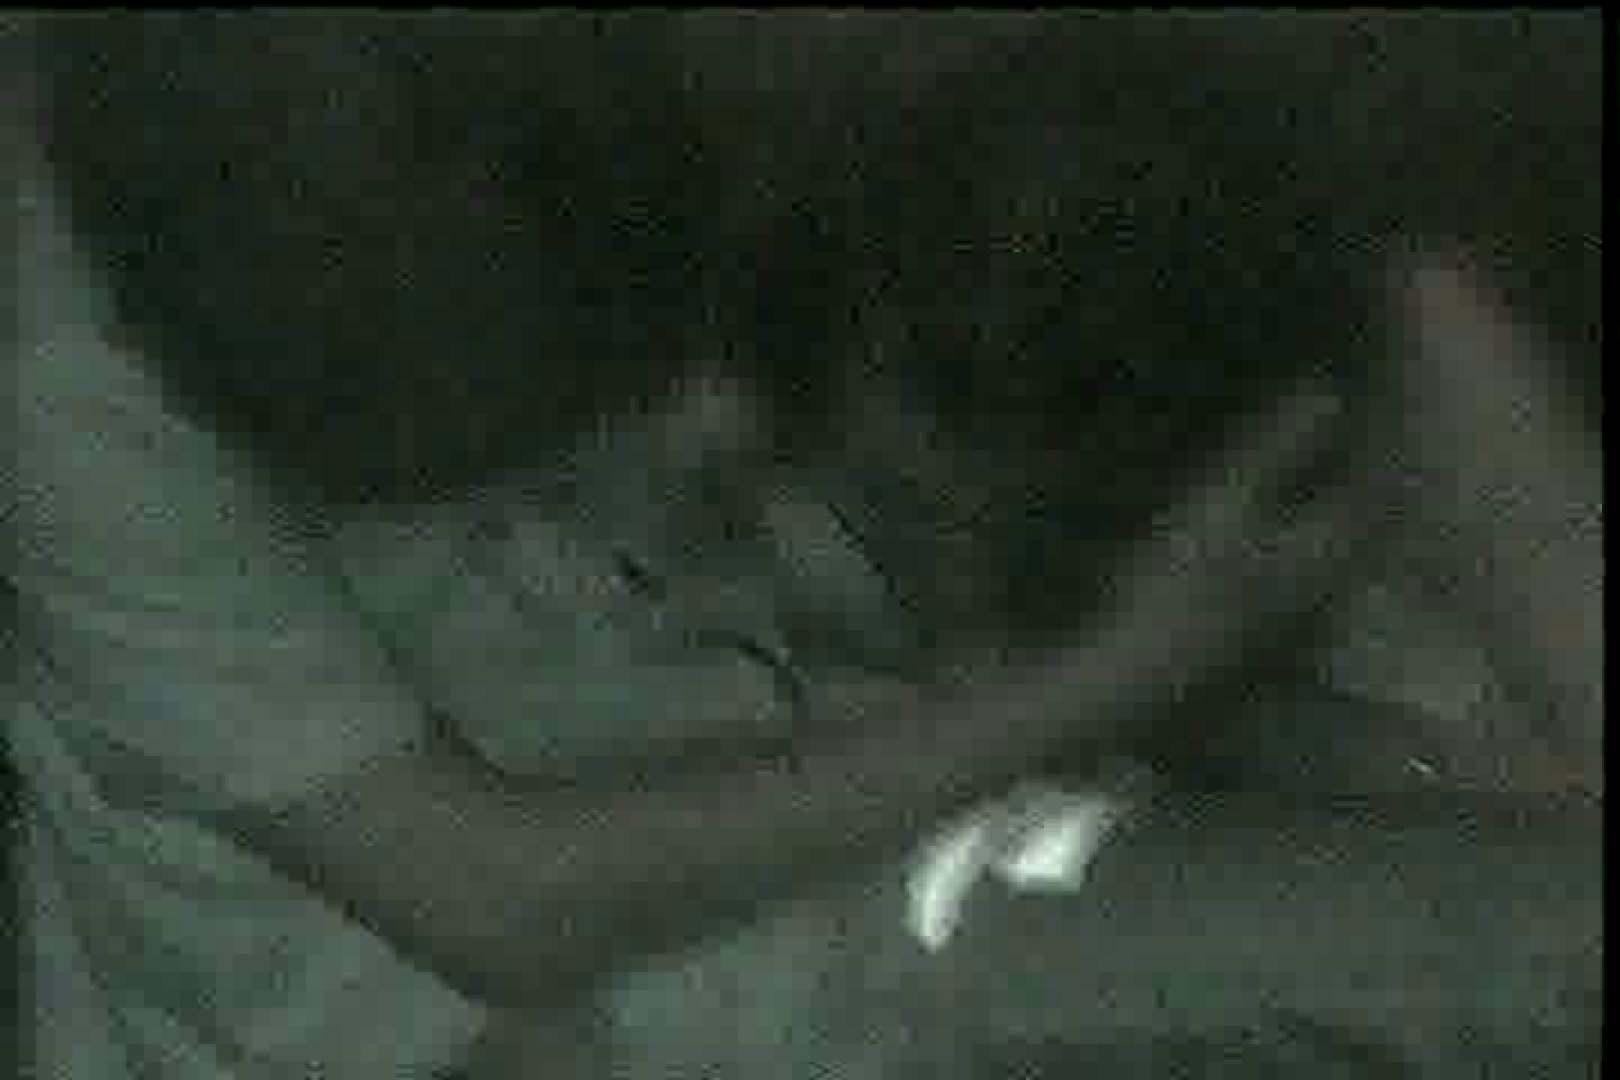 闇の仕掛け人 無修正版 Vol.18 女体盗撮 盗み撮り動画キャプチャ 41連発 10